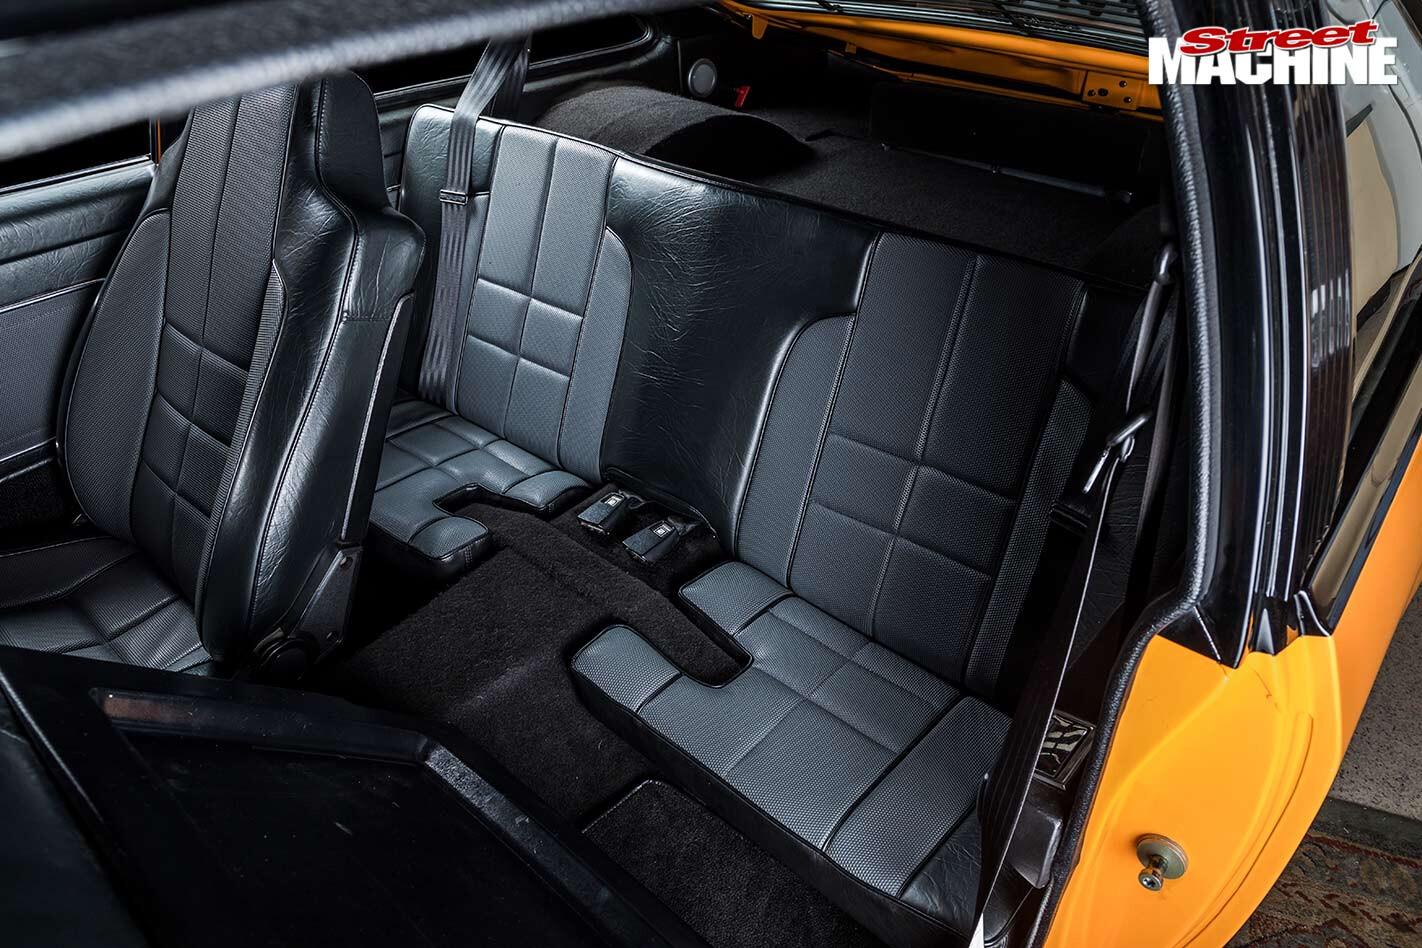 Holden LX Torana rear seats